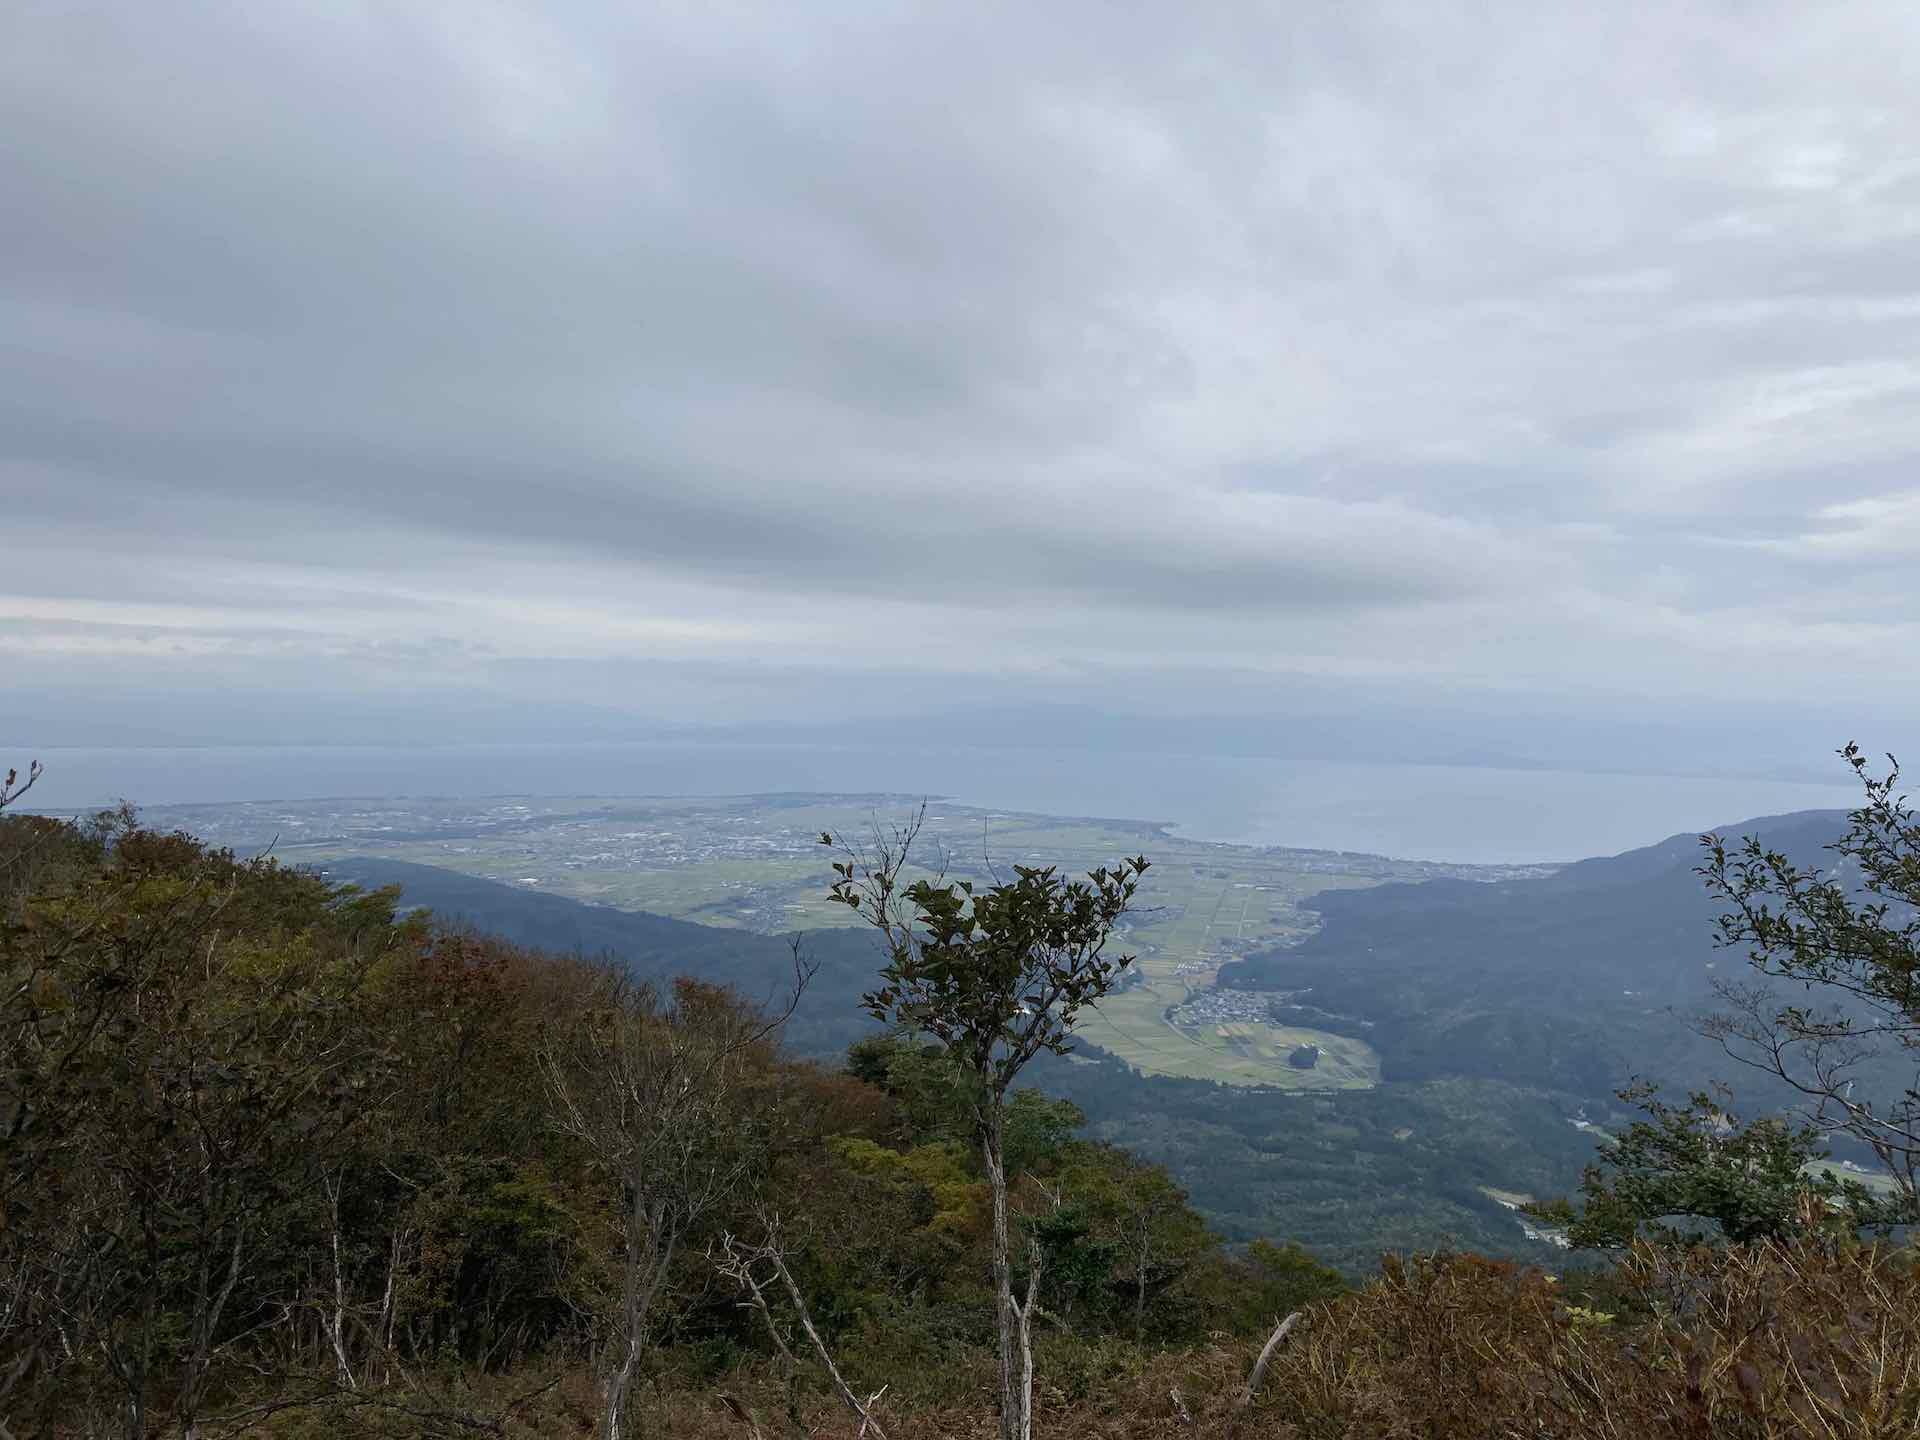 滋賀県一周トレイル